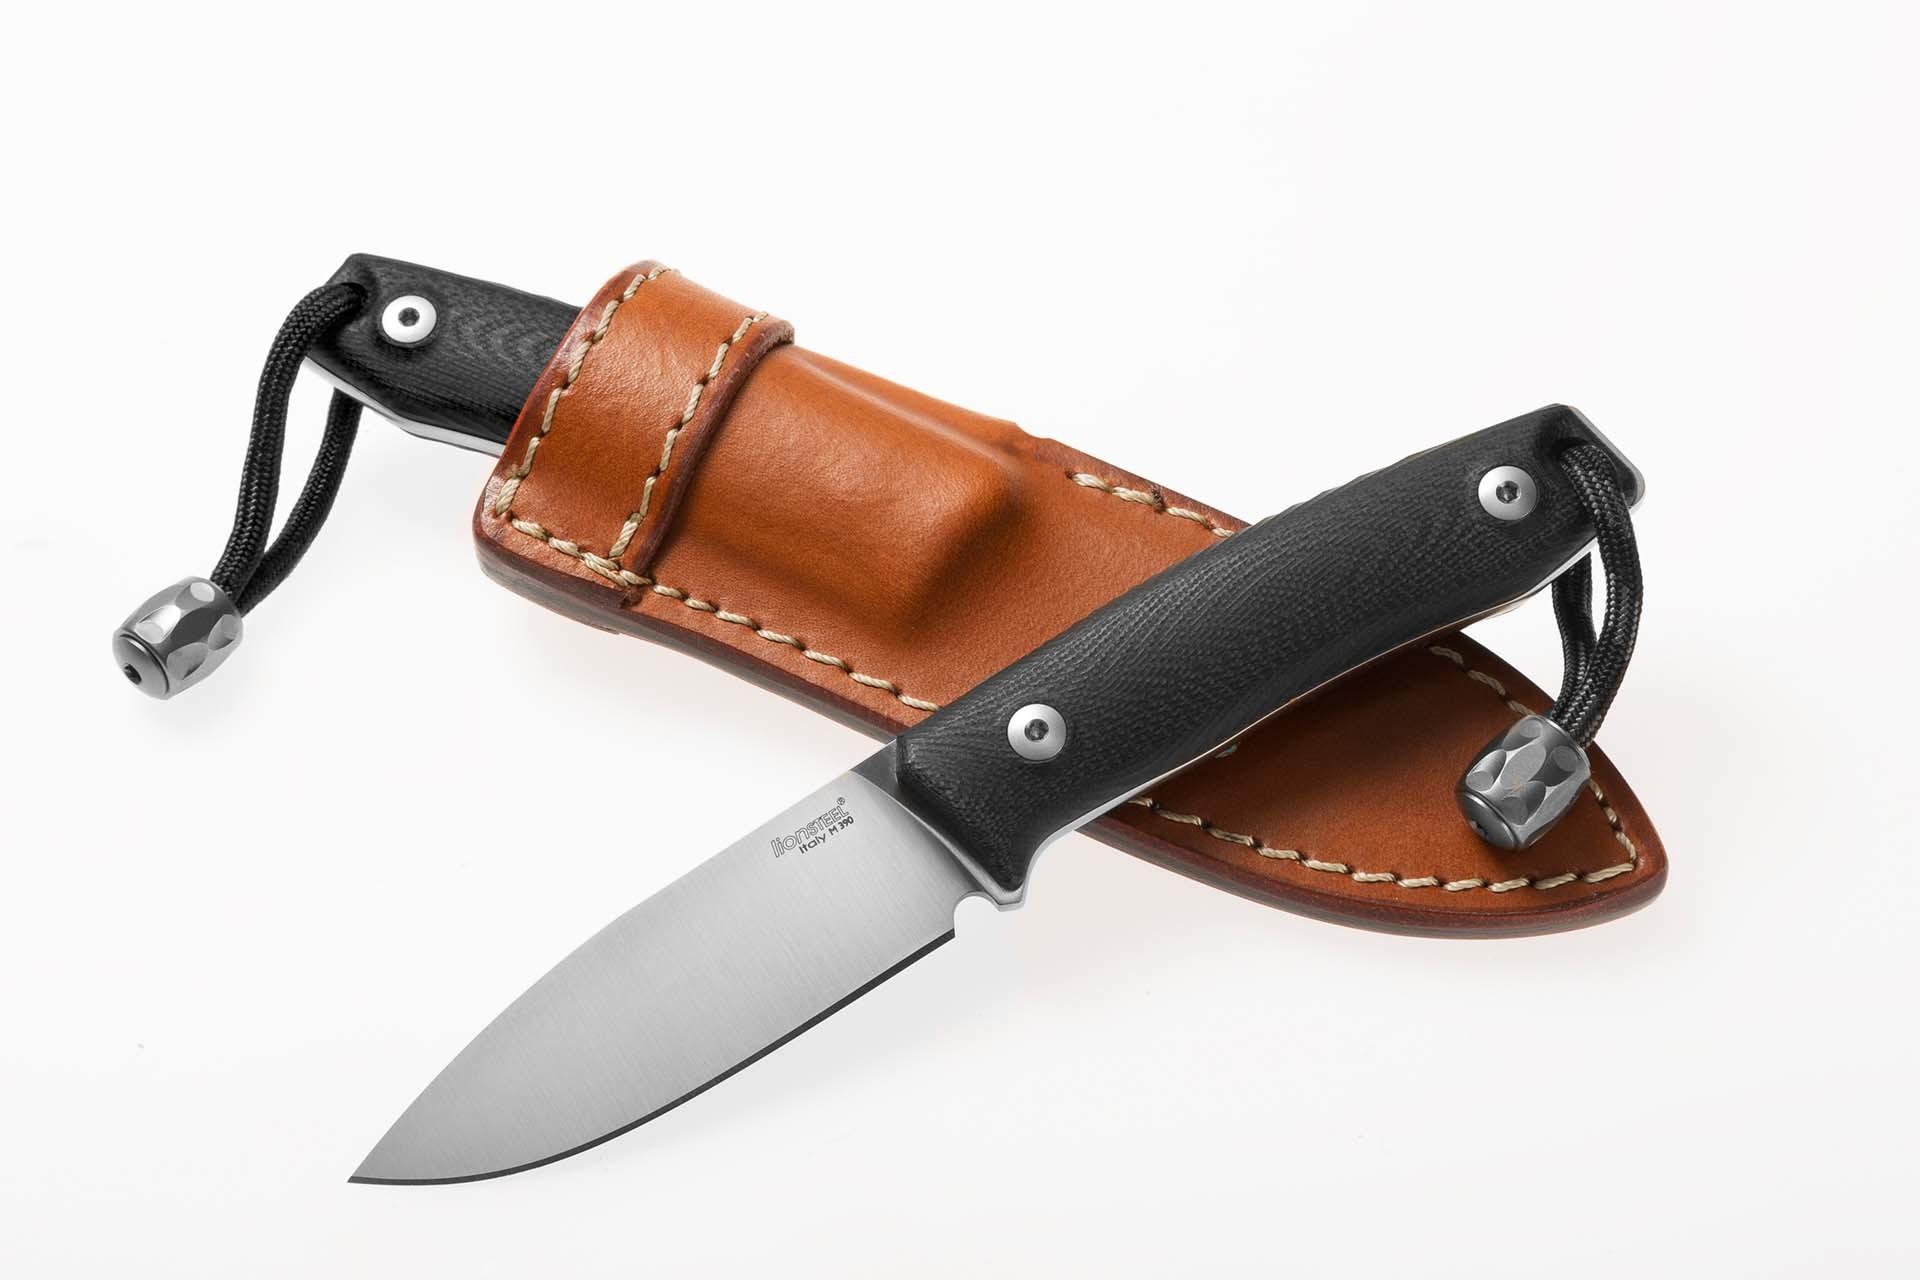 Фото 14 - Нож с фиксированным клинком LionSteel M1 GBK, сталь M390, рукоять G10, черный от Lion Steel